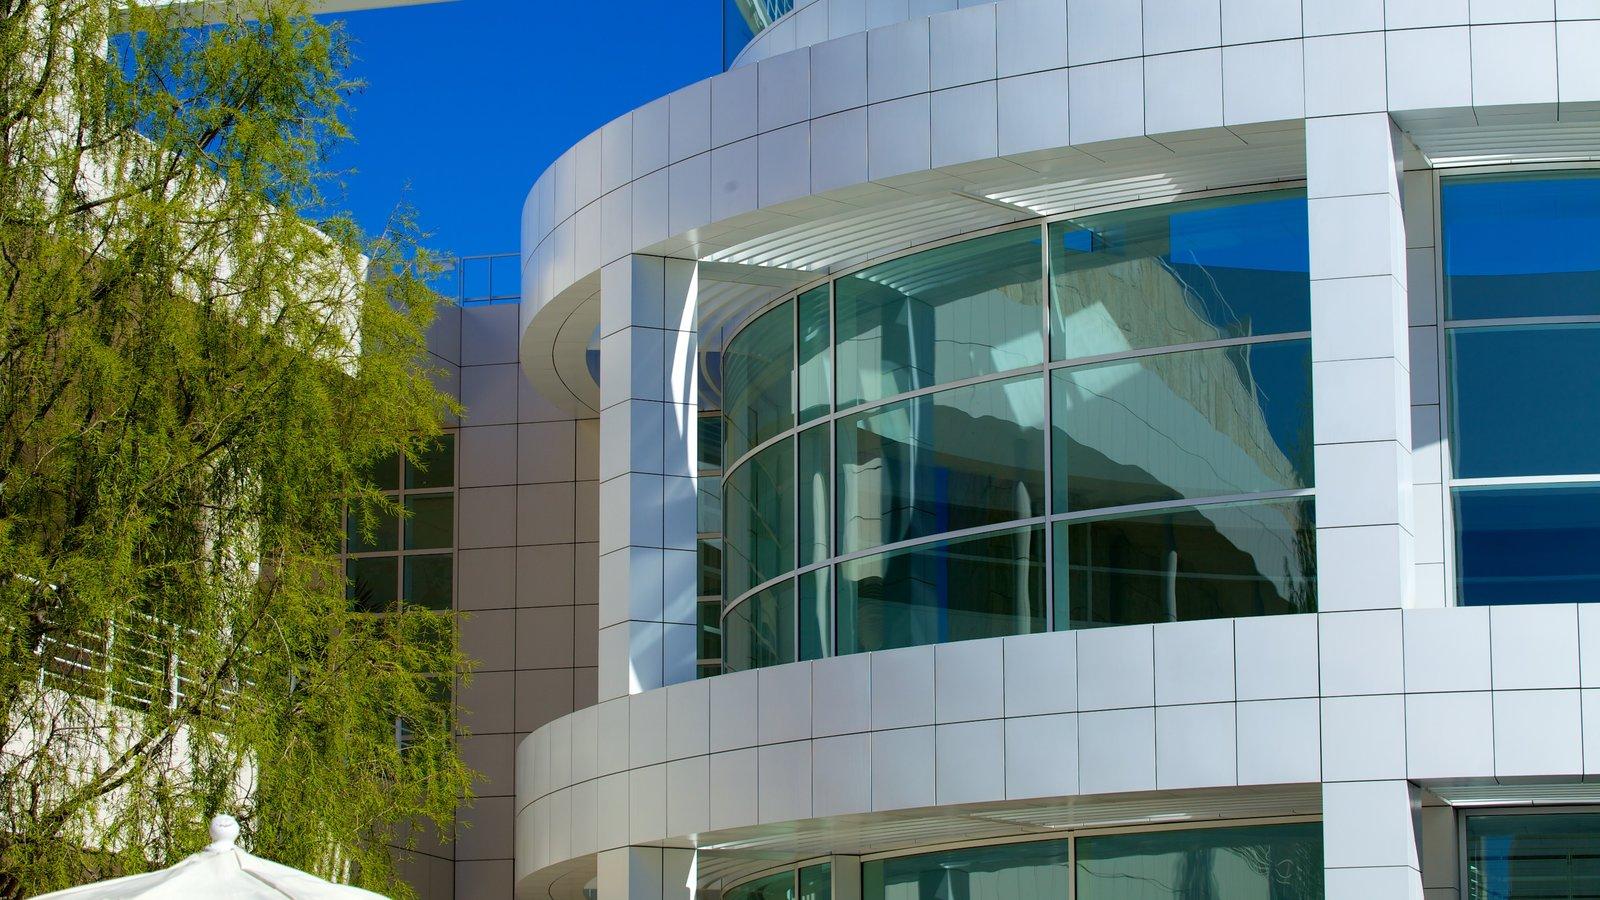 Centro Getty ofreciendo una ciudad, arquitectura moderna y dfc